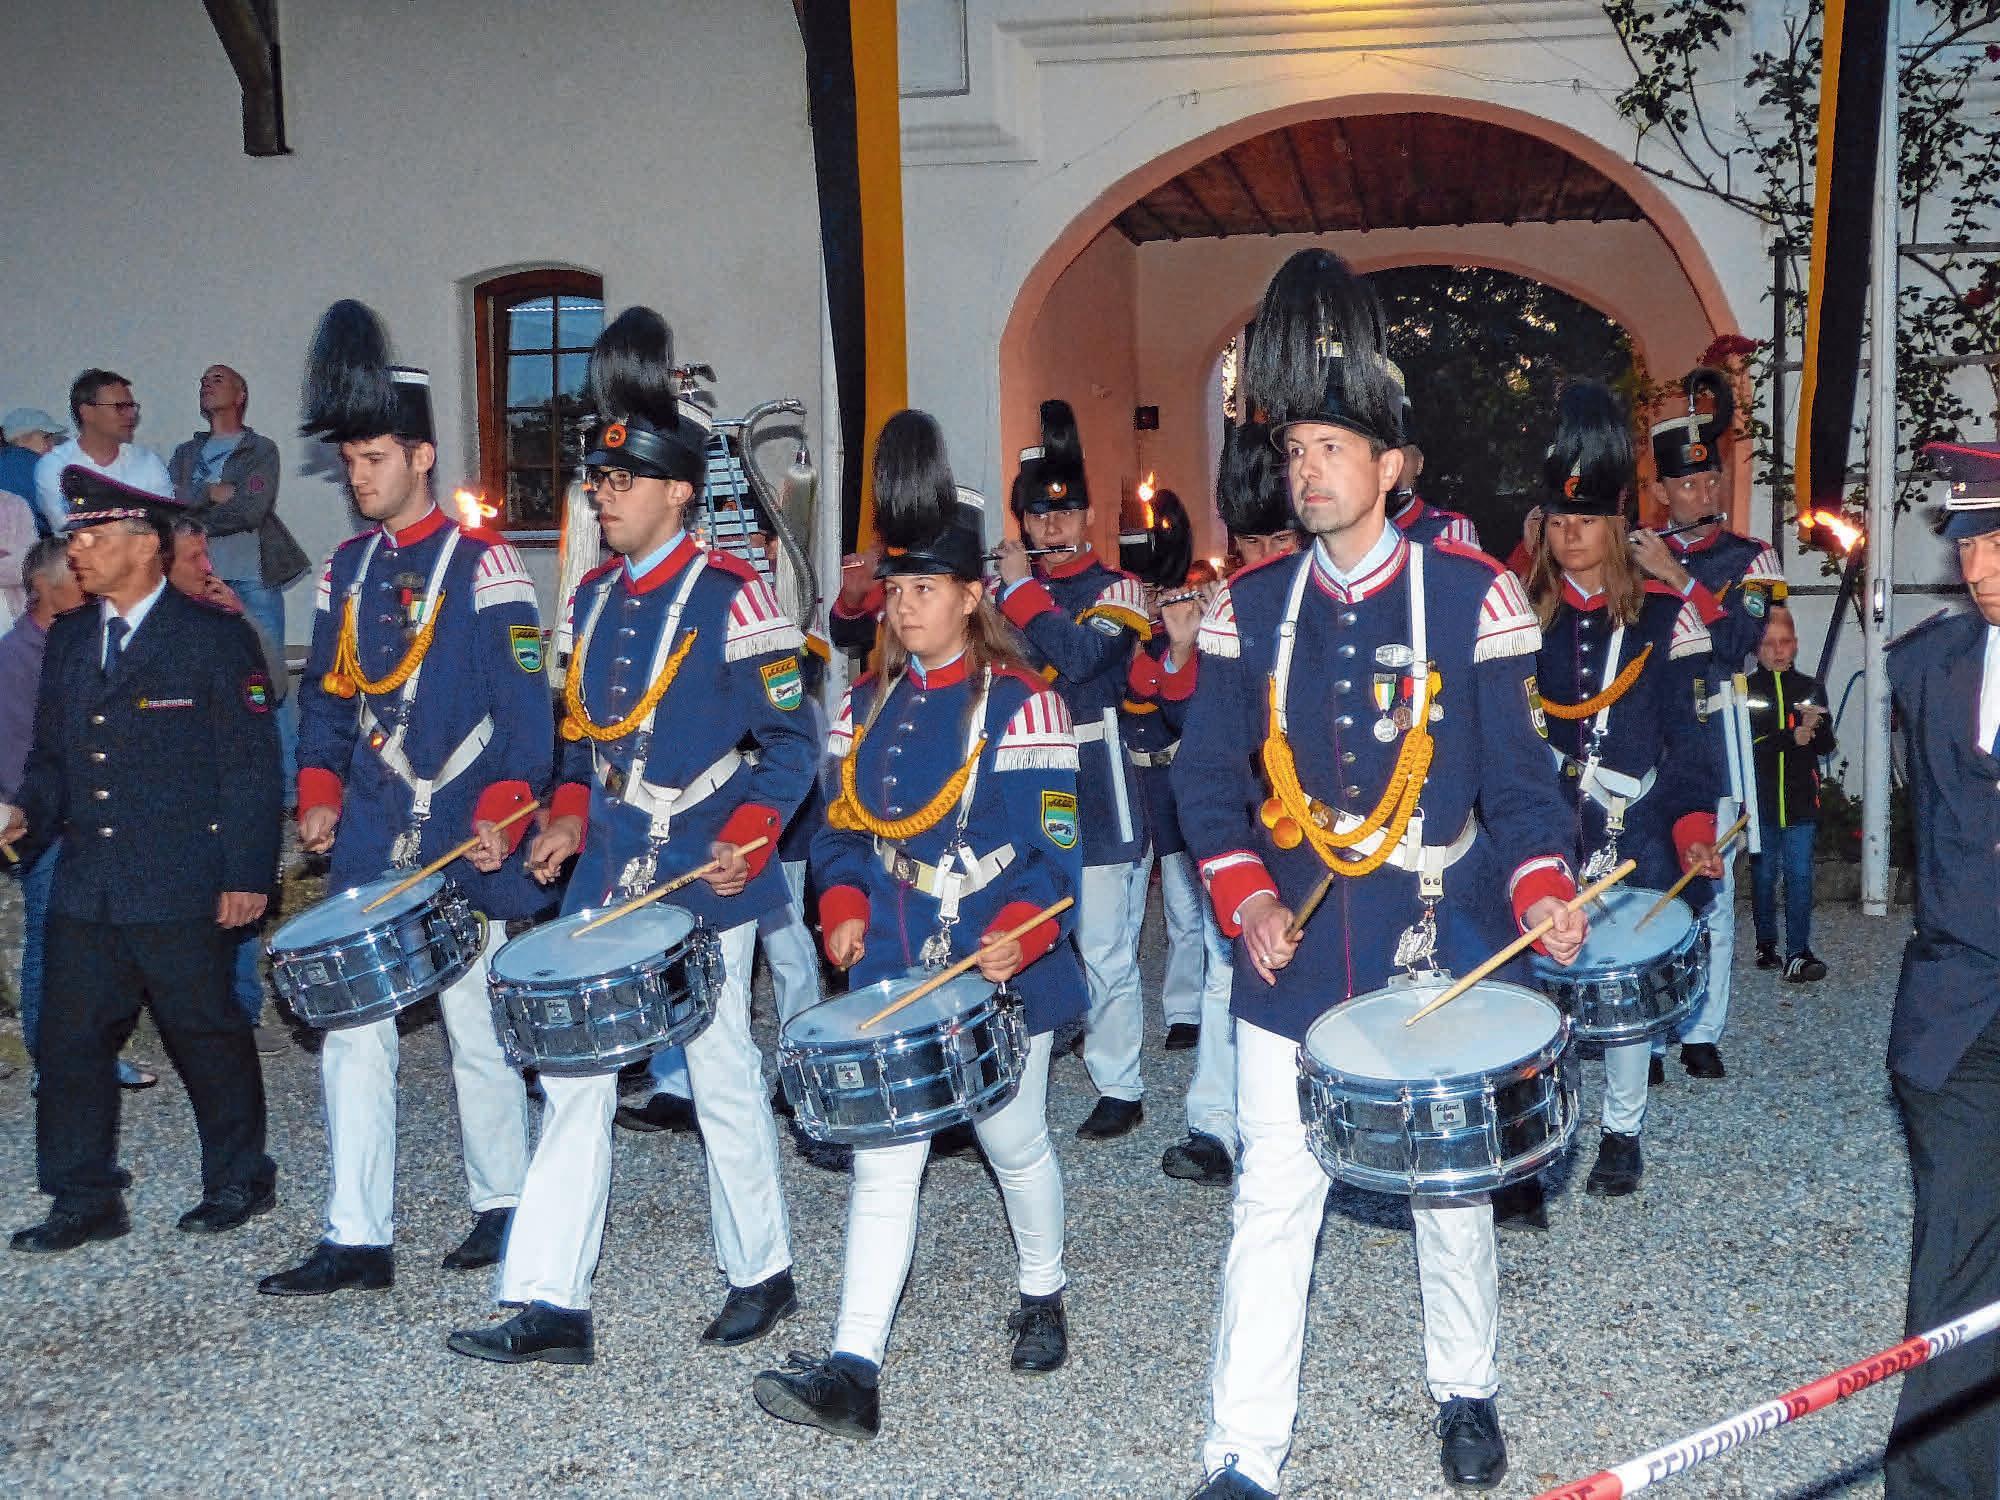 Die Historische Bürgerwehr. FOTO: PRIVAT